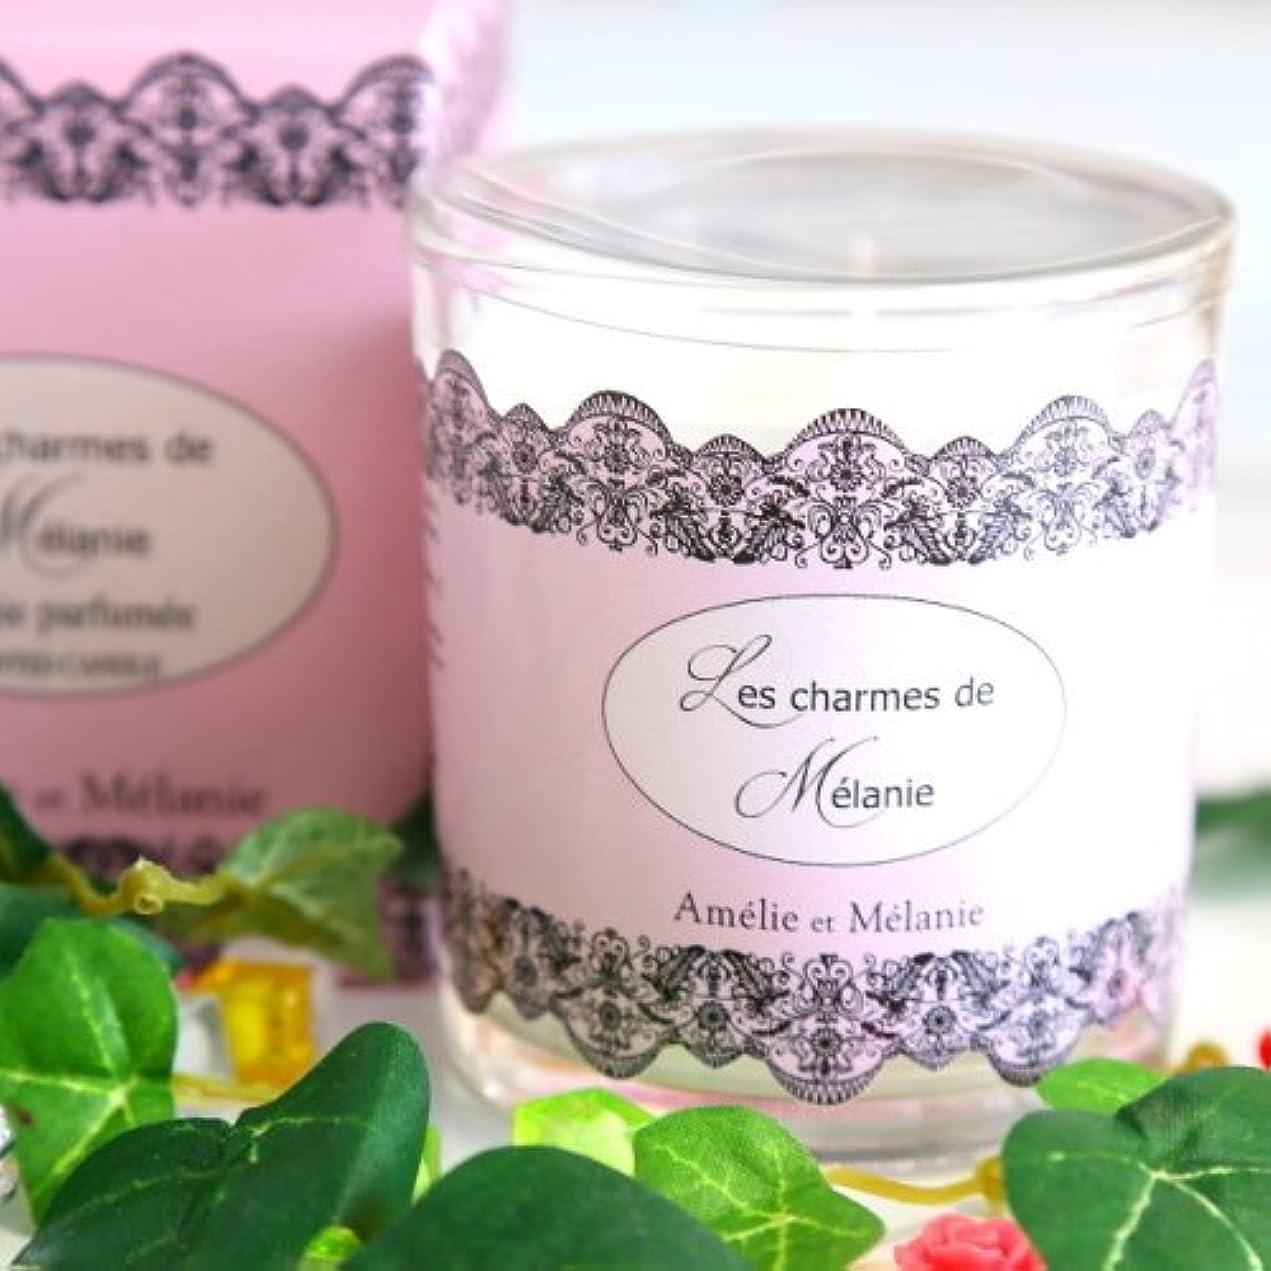 自明つぼみリビジョンアメリー&メラニー シャルムドゥメラニー グラスキャンドル 140g フレッシュフローラルな香り